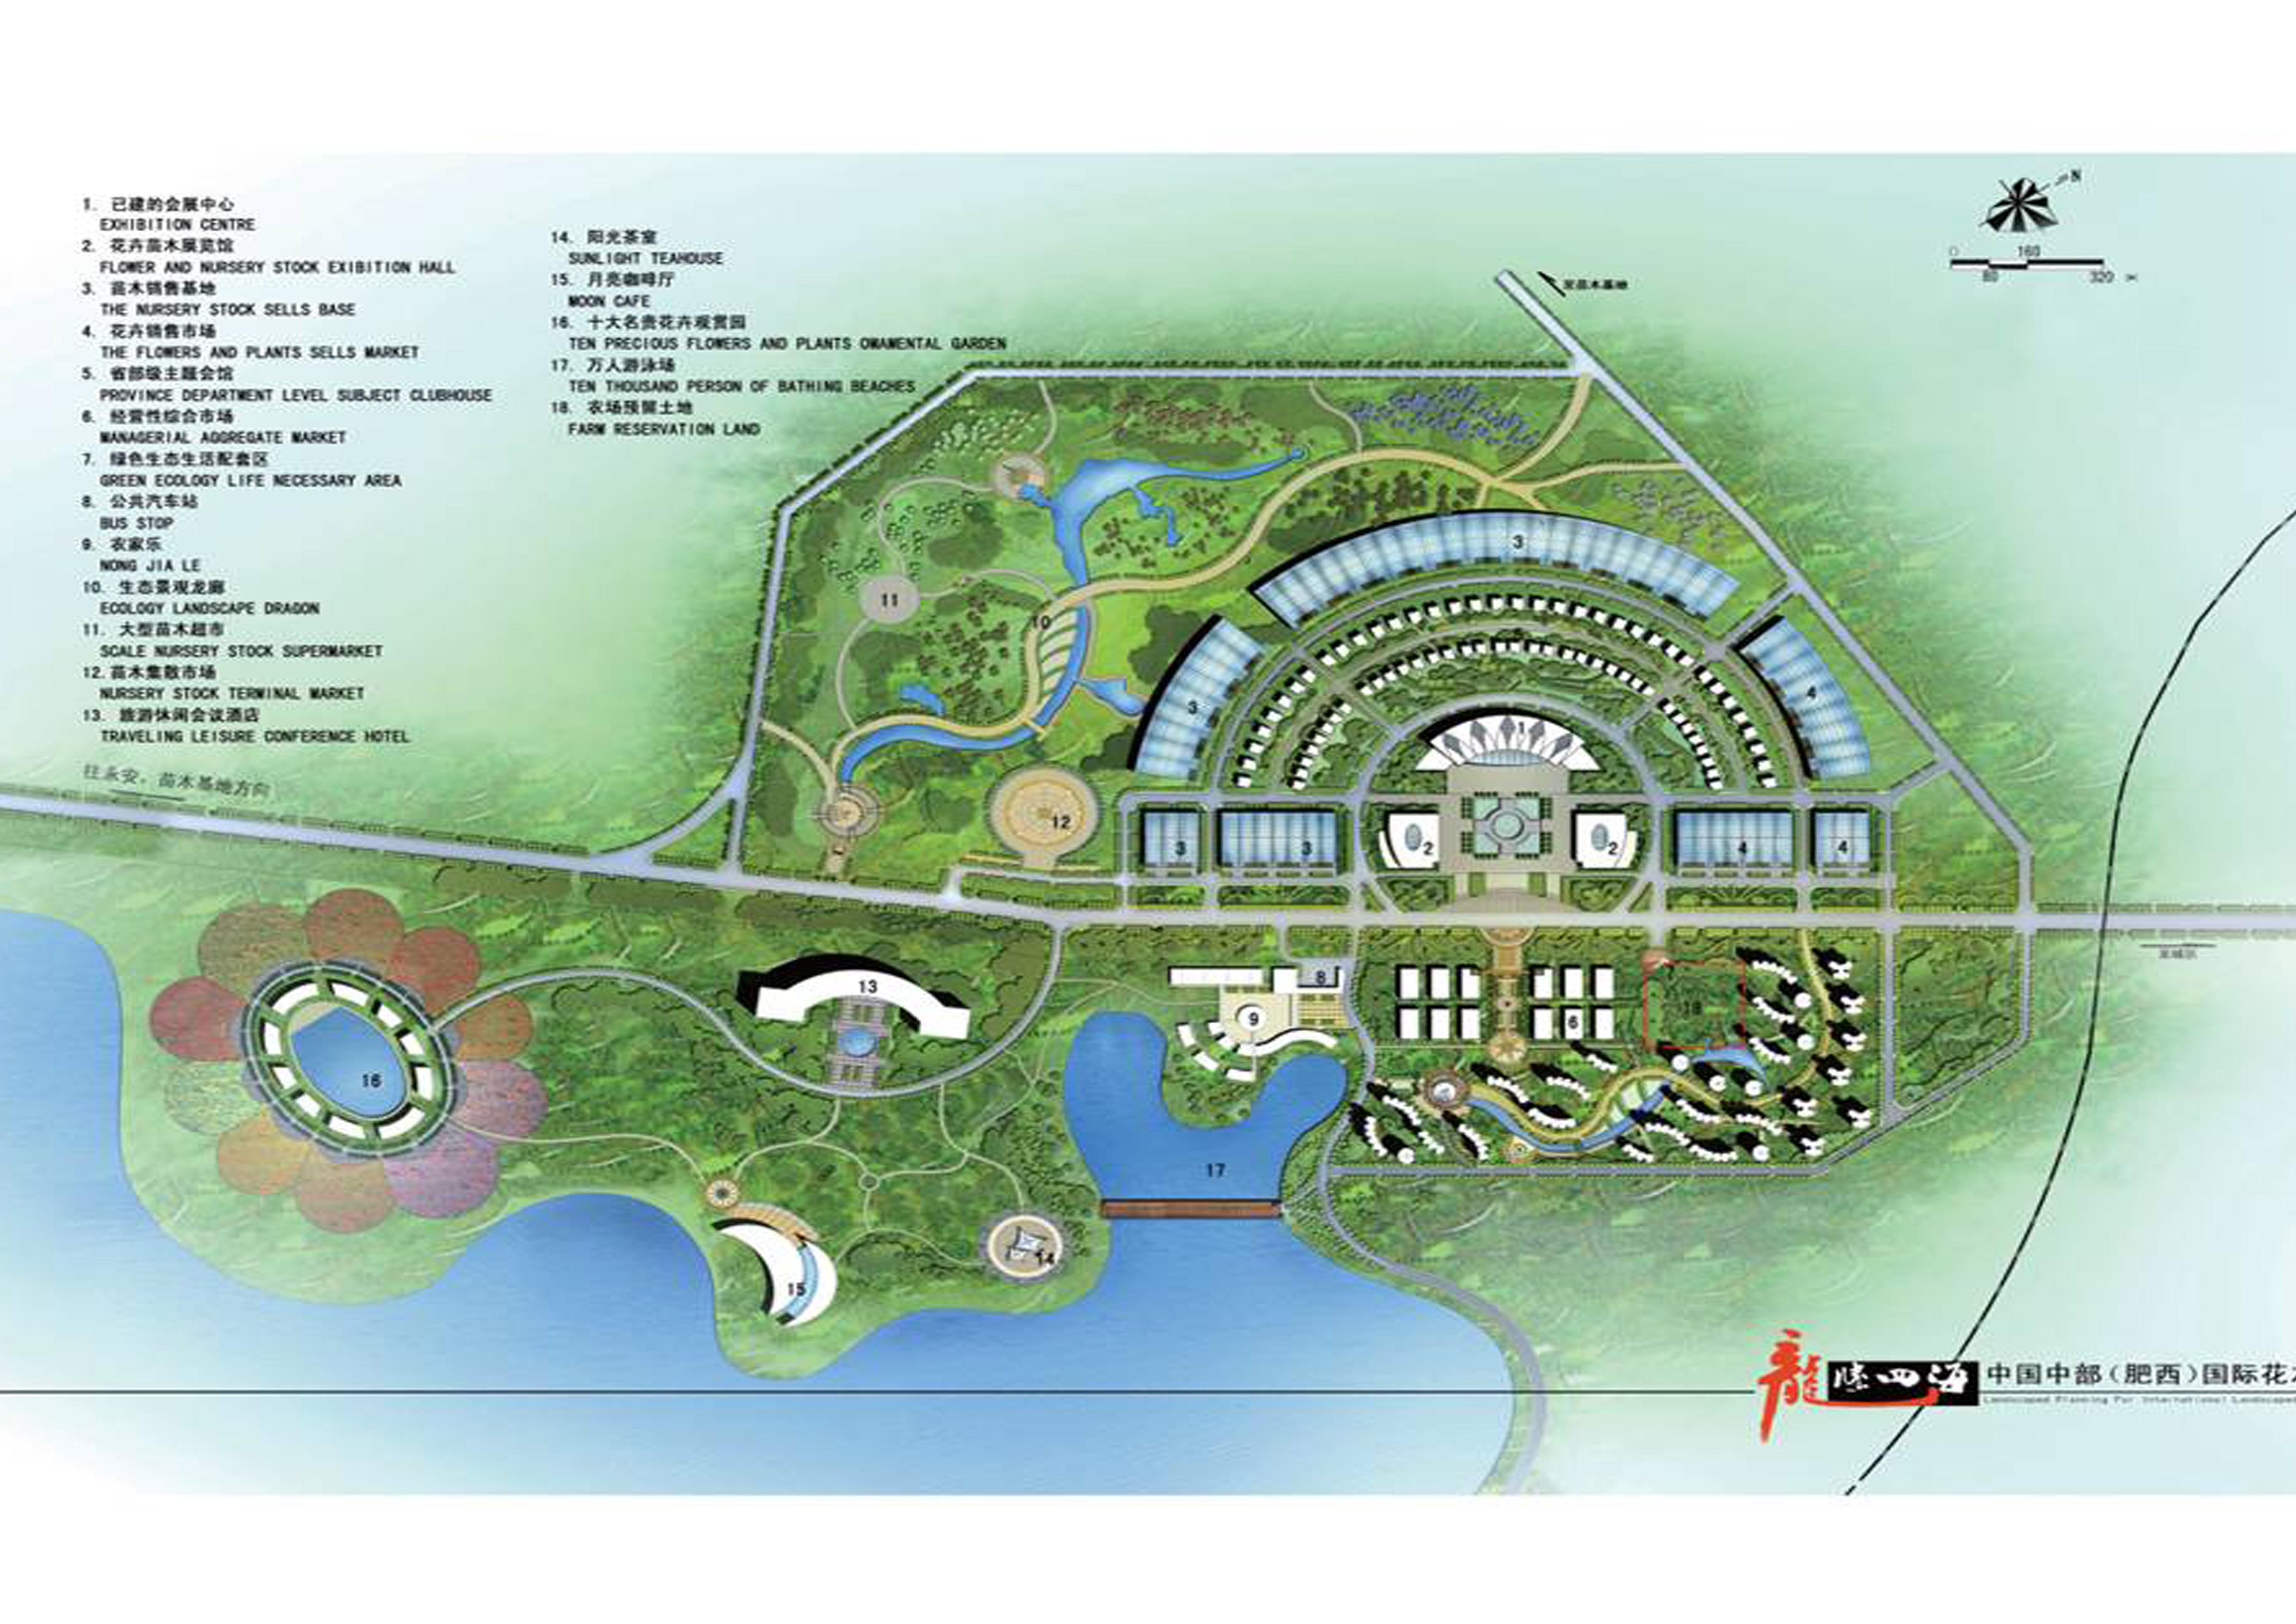 中国中部(肥西)国际花木城规划